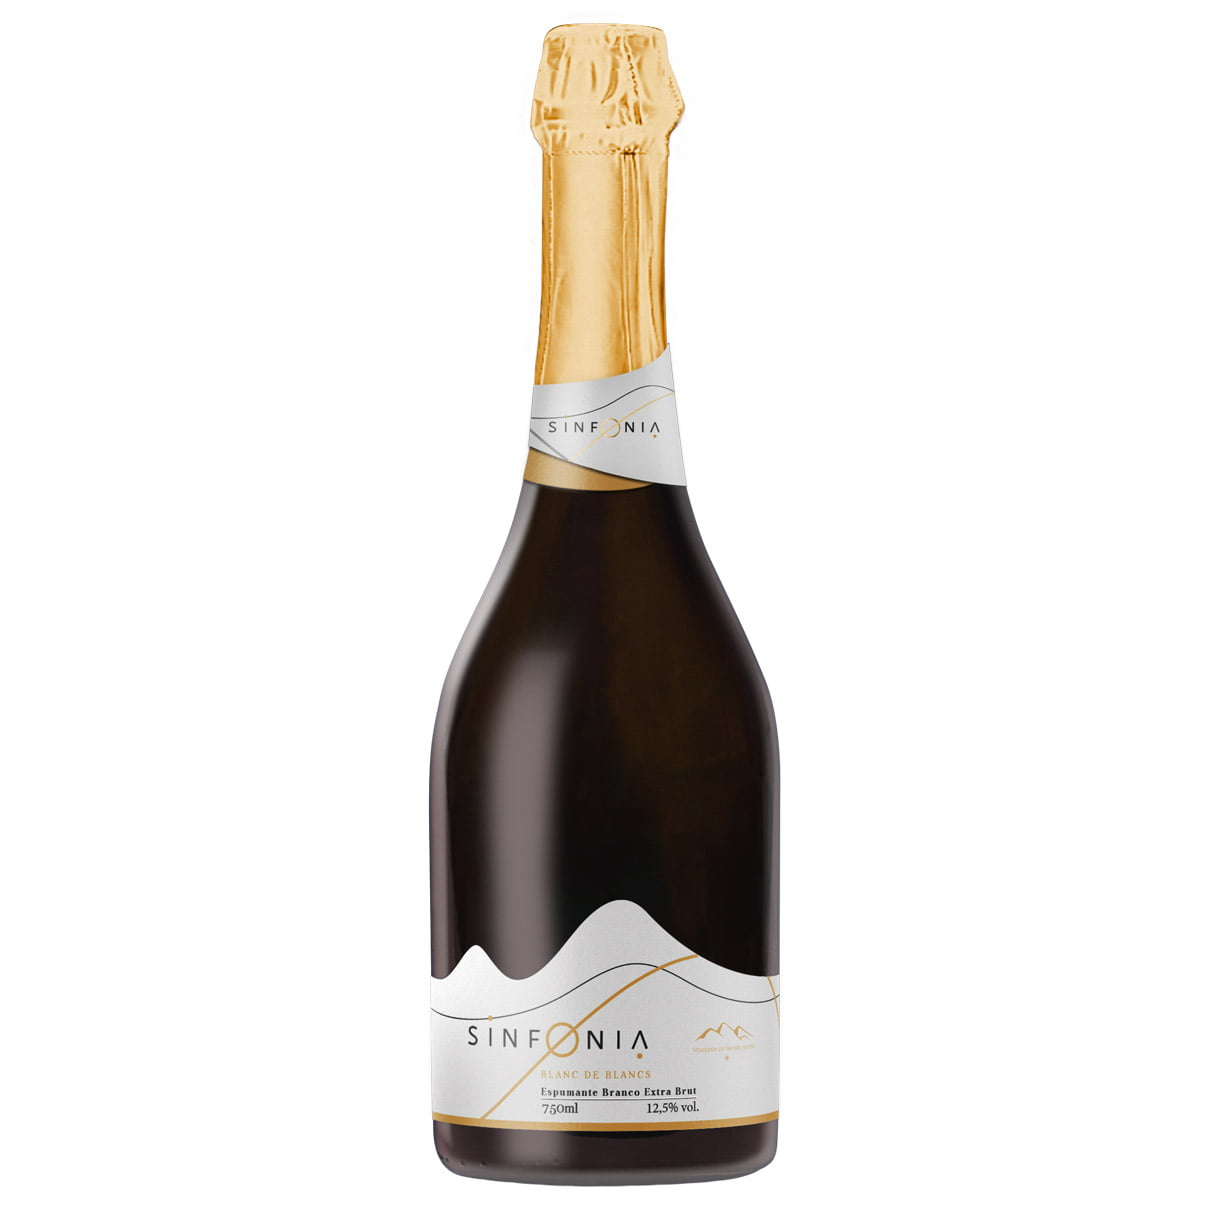 Monte Agudo Sinfonia Espumante Extra Brut Blanc de Blancs 2019